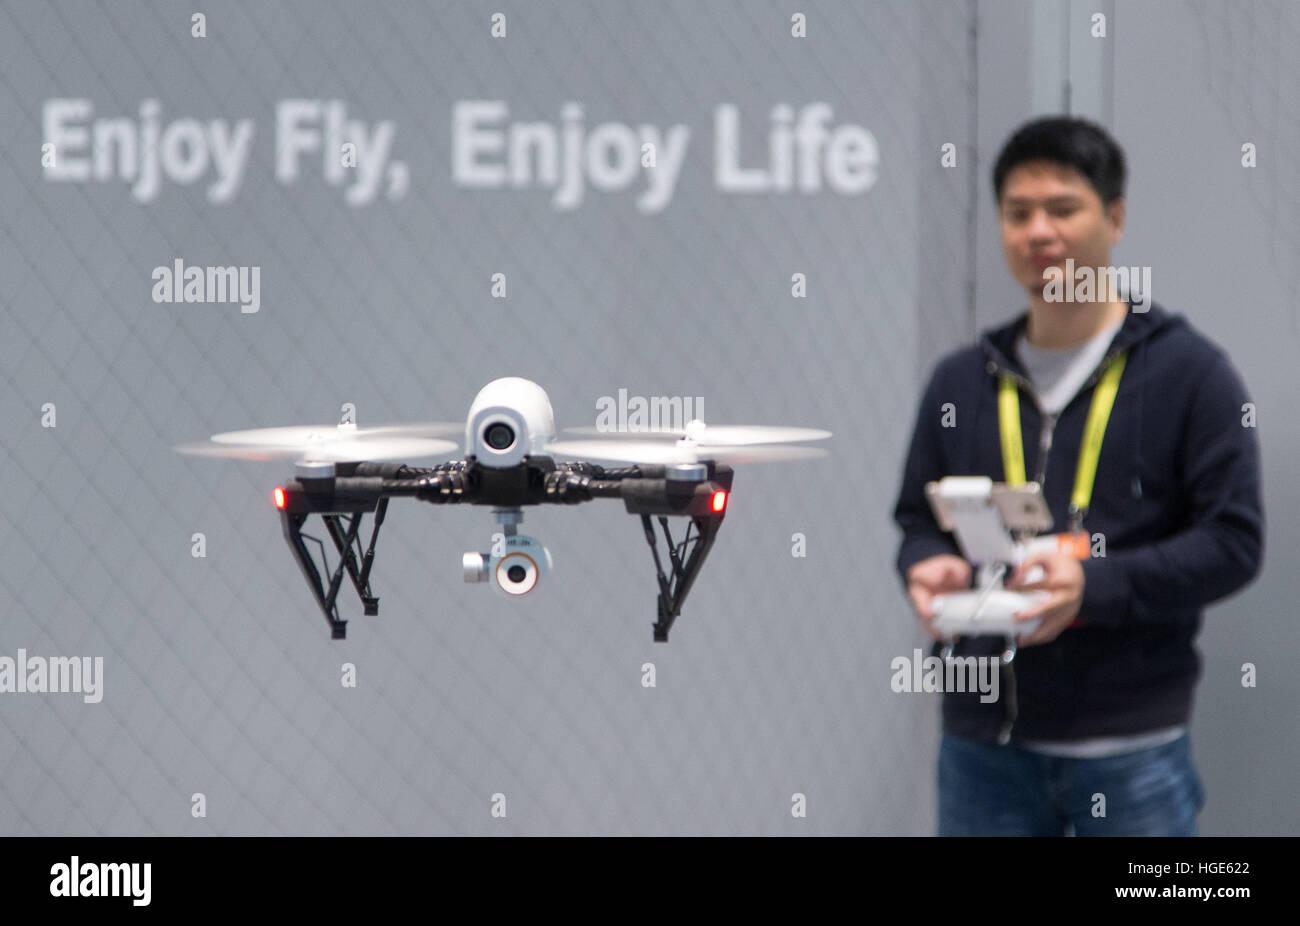 Las Vegas, Stati Uniti. 06 gen 2017. Un telecomandato drone è azionato al CES fiera tecnologica di Las Vegas, USA, Foto Stock